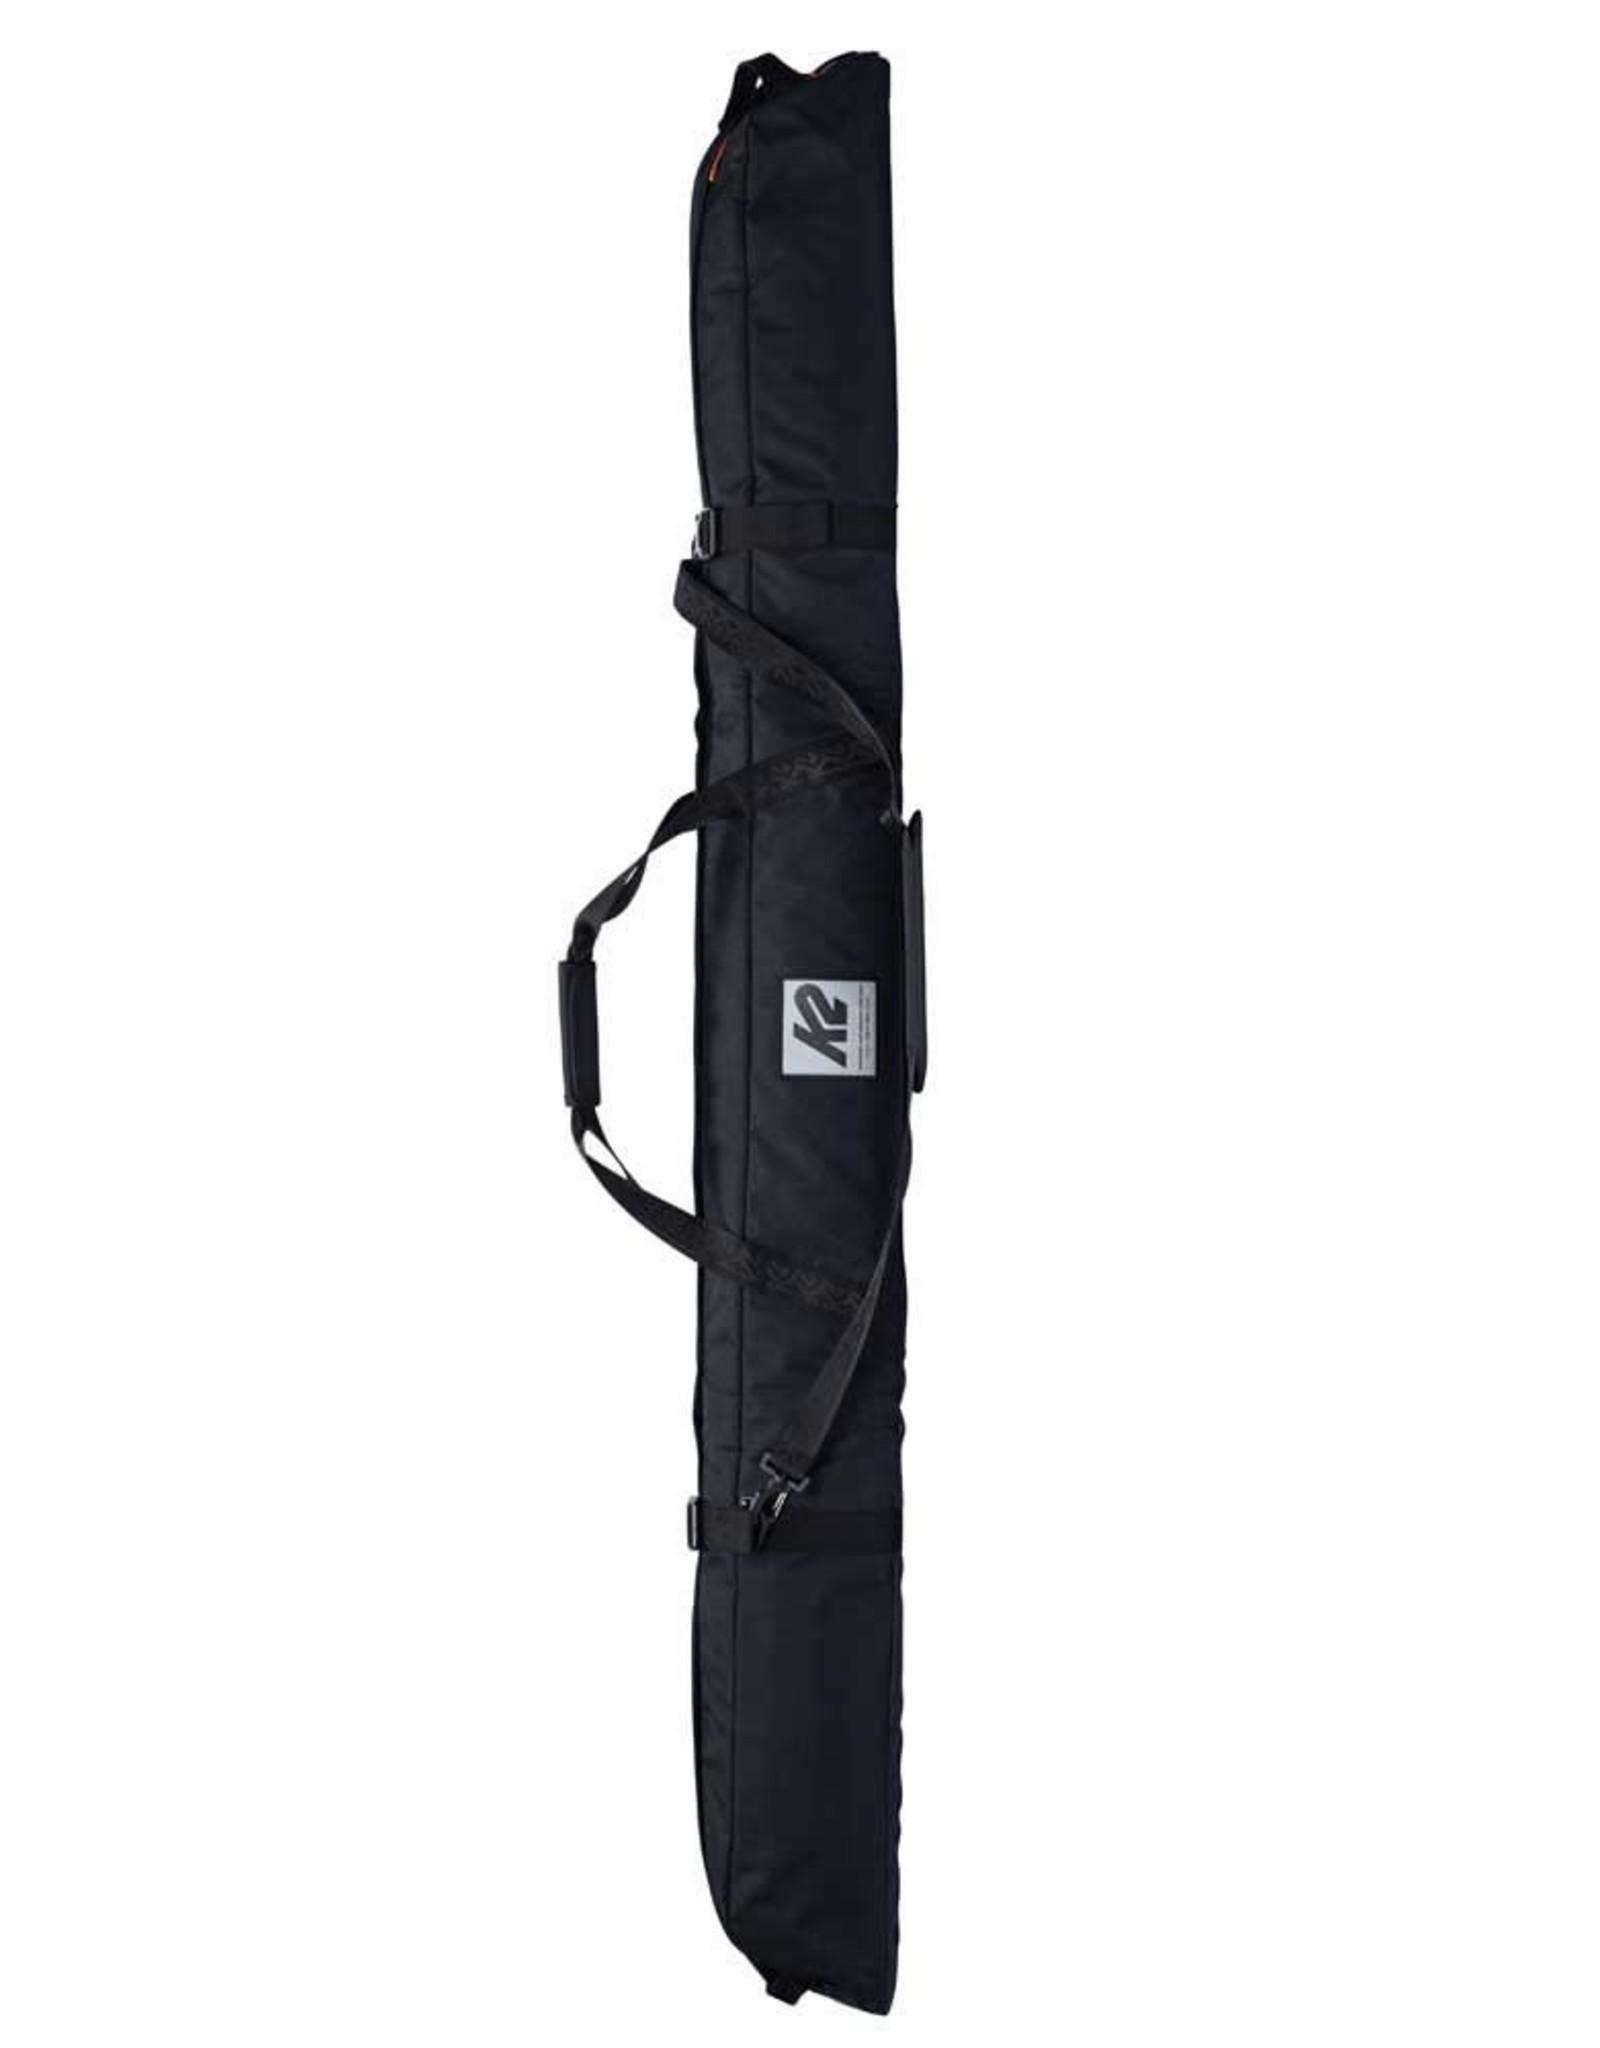 K2 K2 SINGLE PADDED SKI BAG Black 195cm